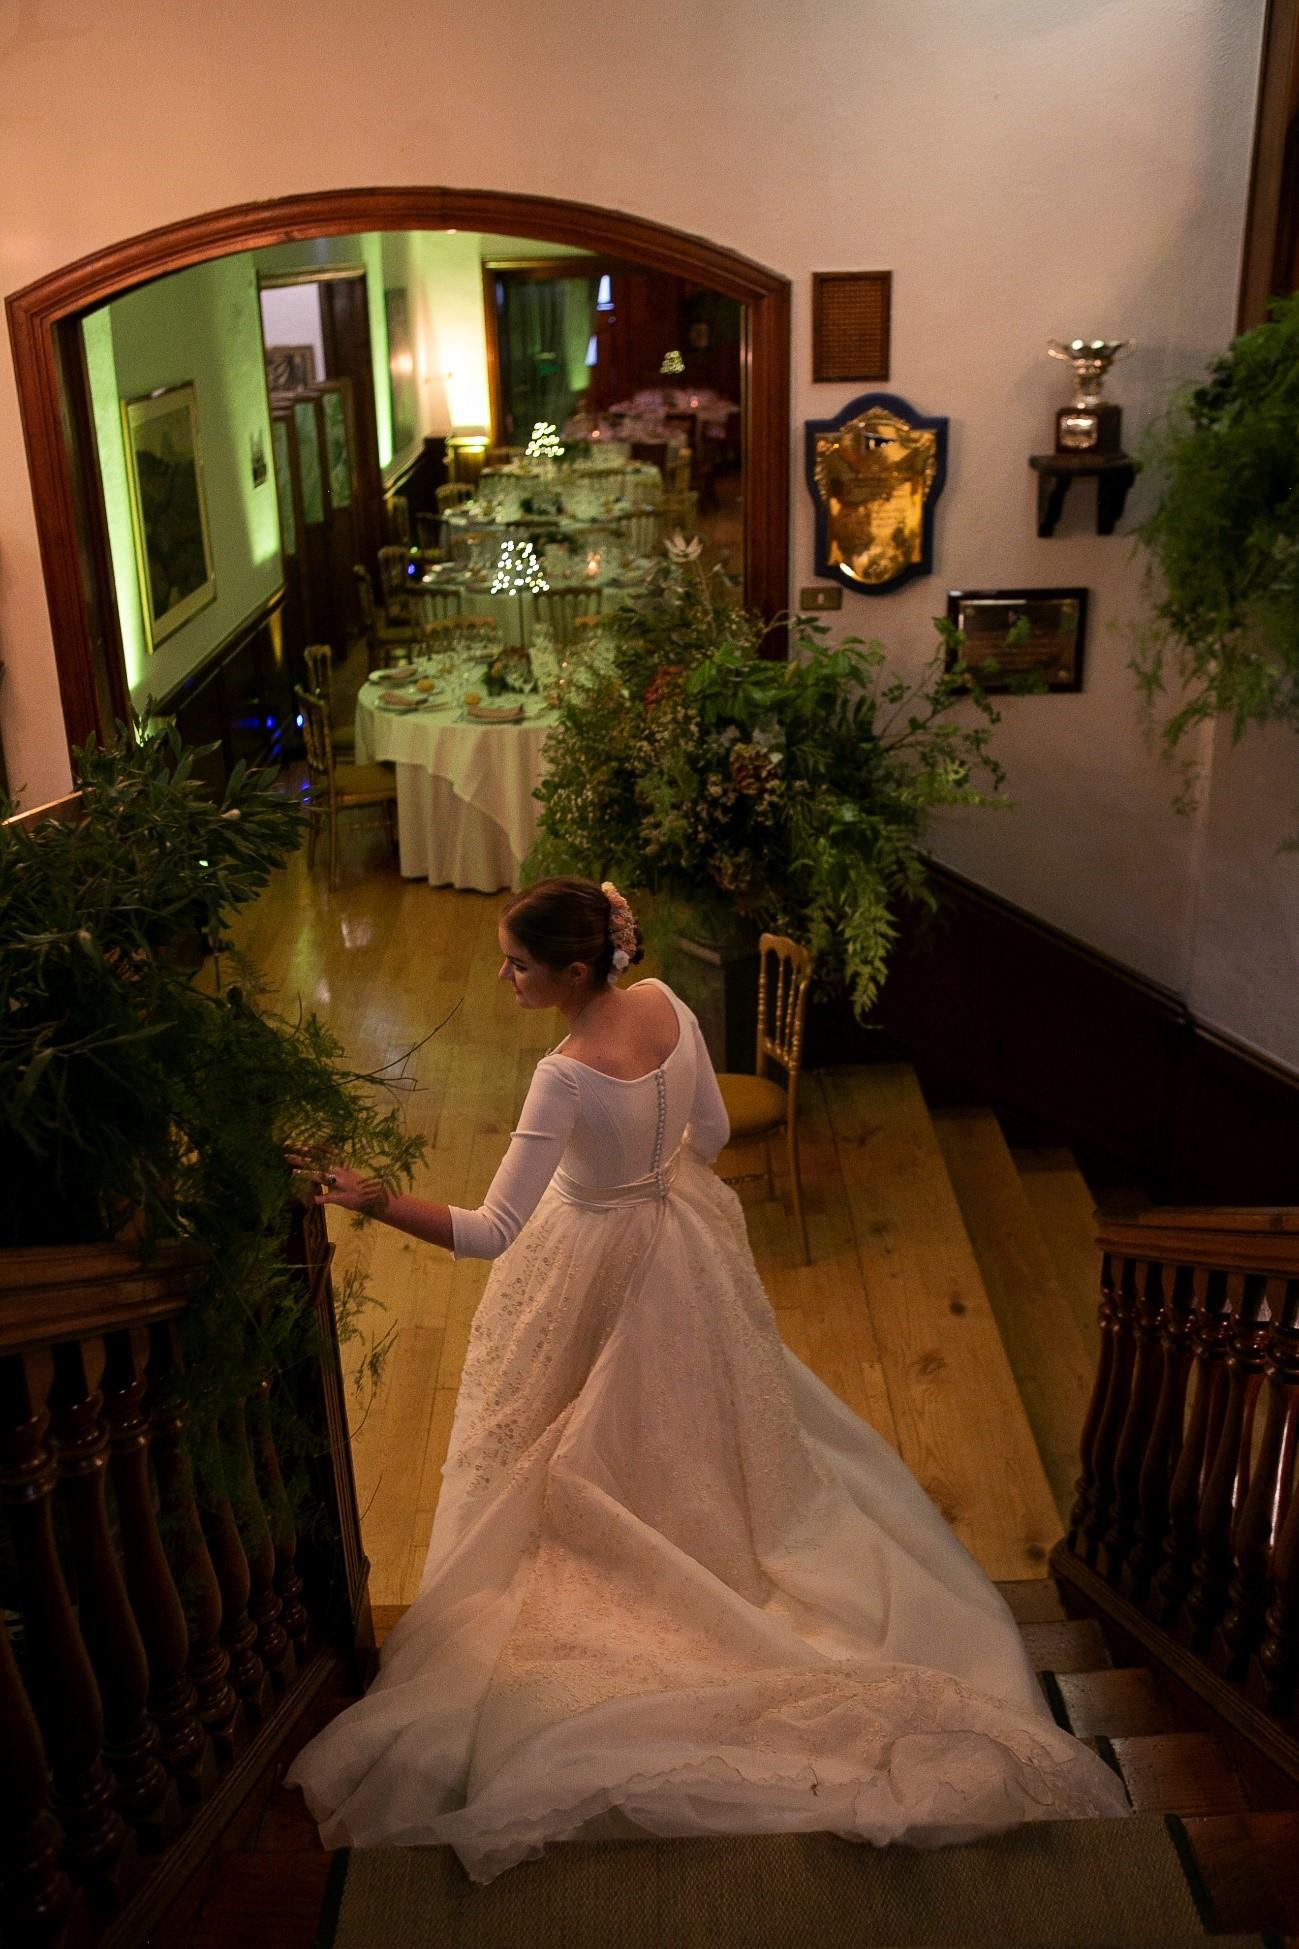 La boda de Emma y Javi II